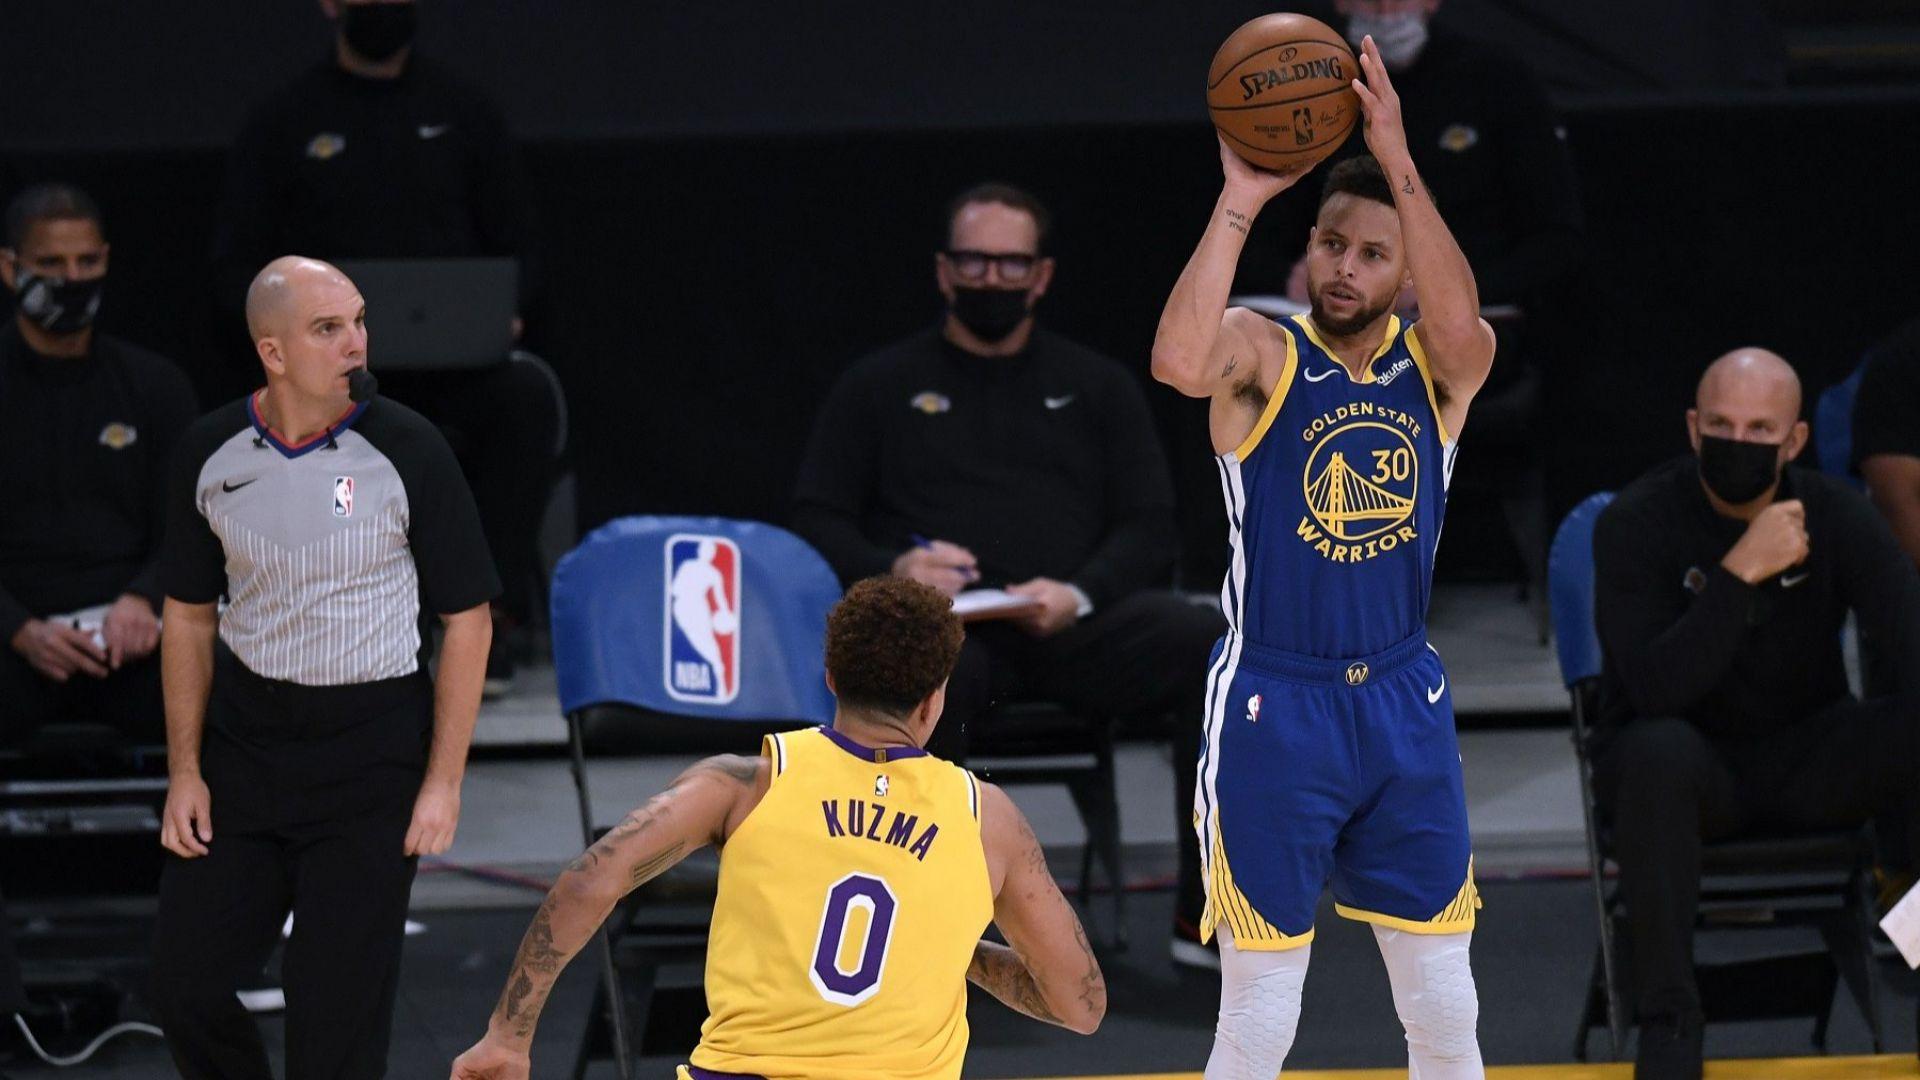 Пет тройки пратиха Стеф Къри на второто място във вечната ранглиста на NBA